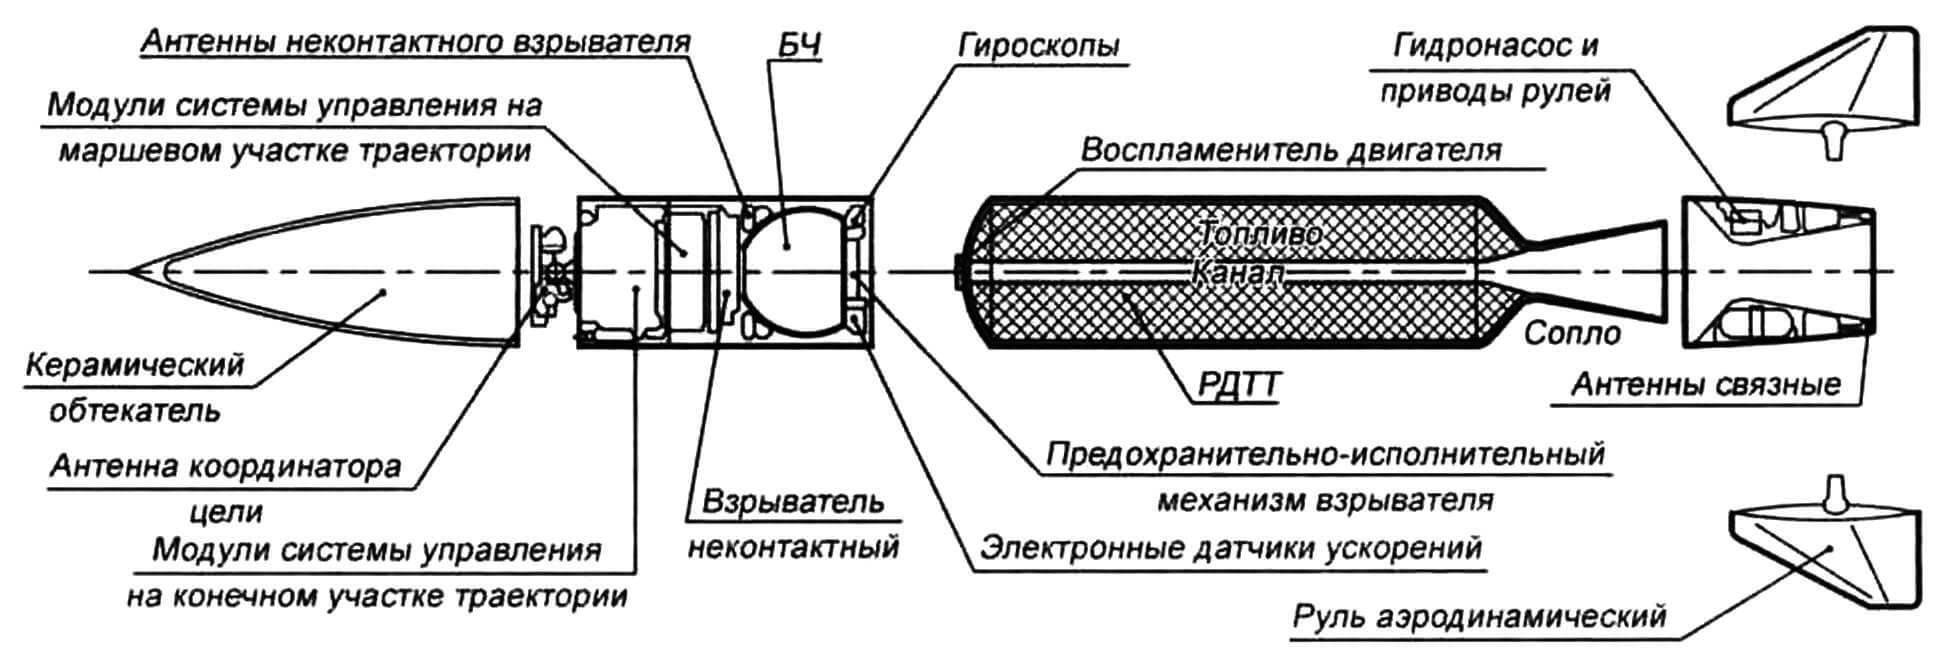 Компоновка ракеты РАС-2 (MIM-104C)